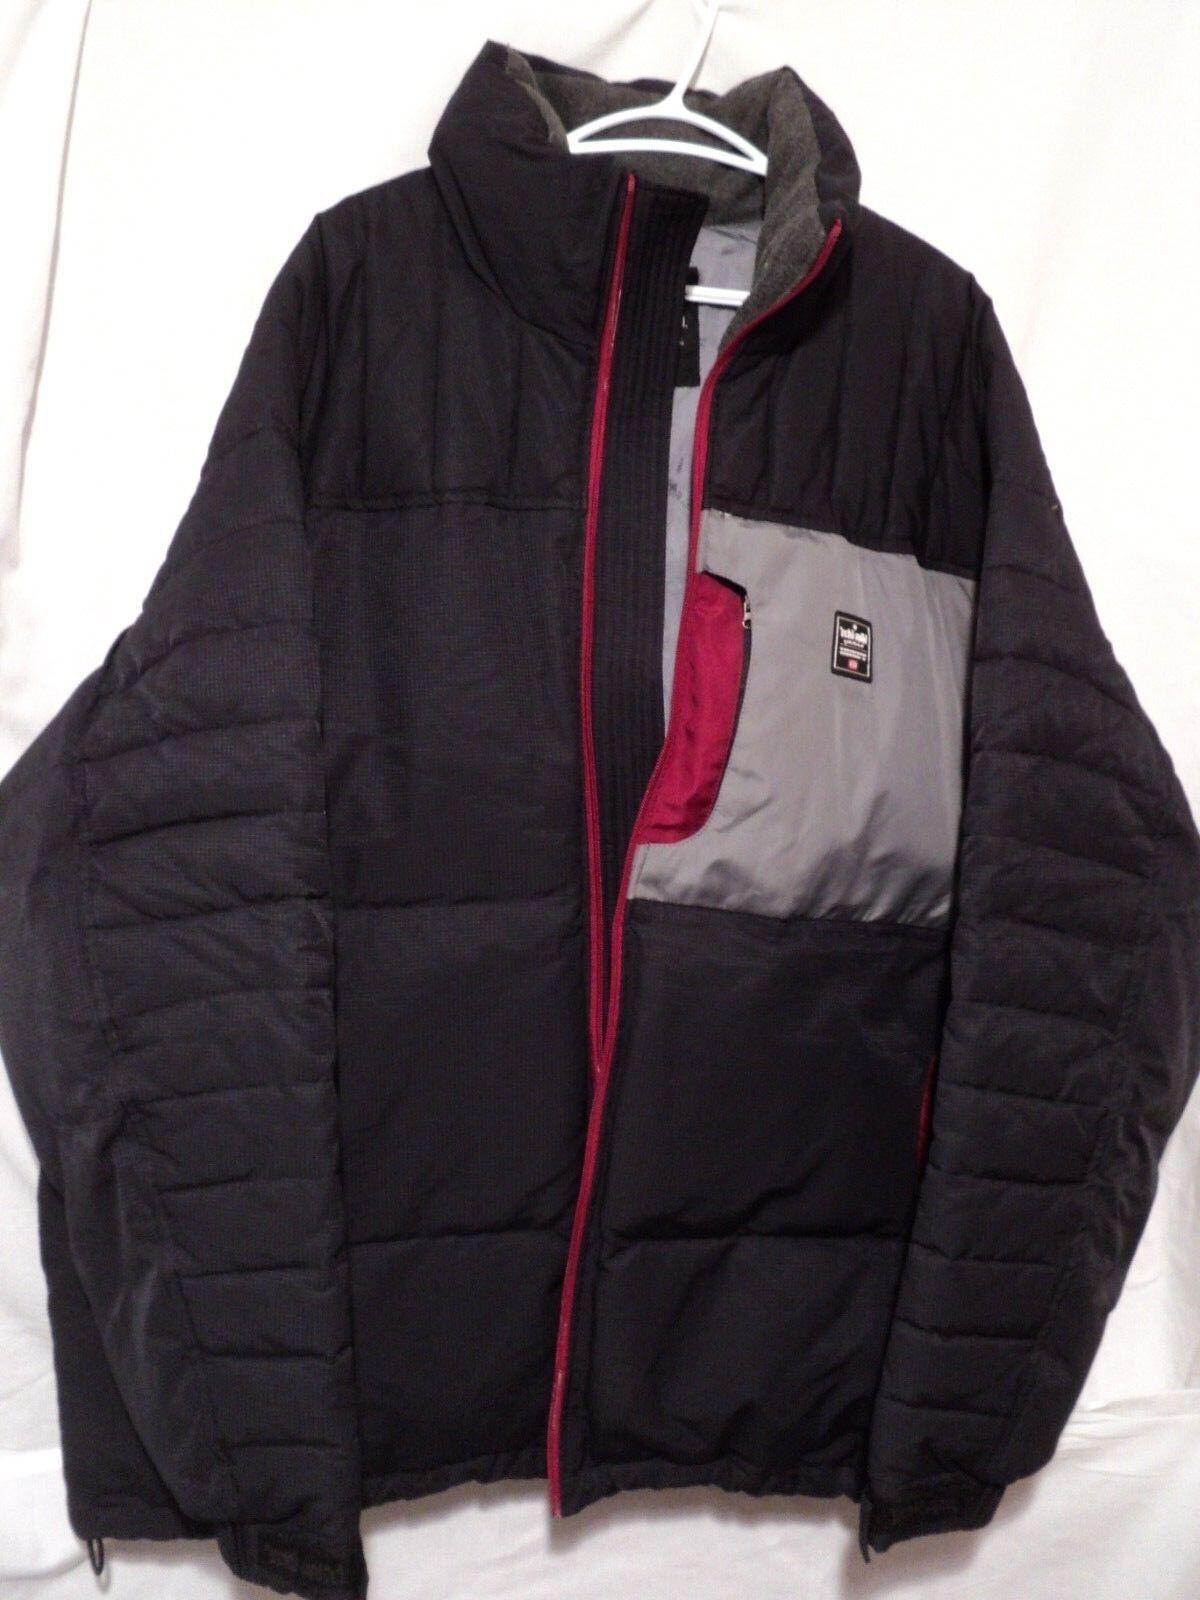 a86345c5eb Ecko unltd.mens le kabát töltött téli kabát, XL, téli unltd.mens meleg